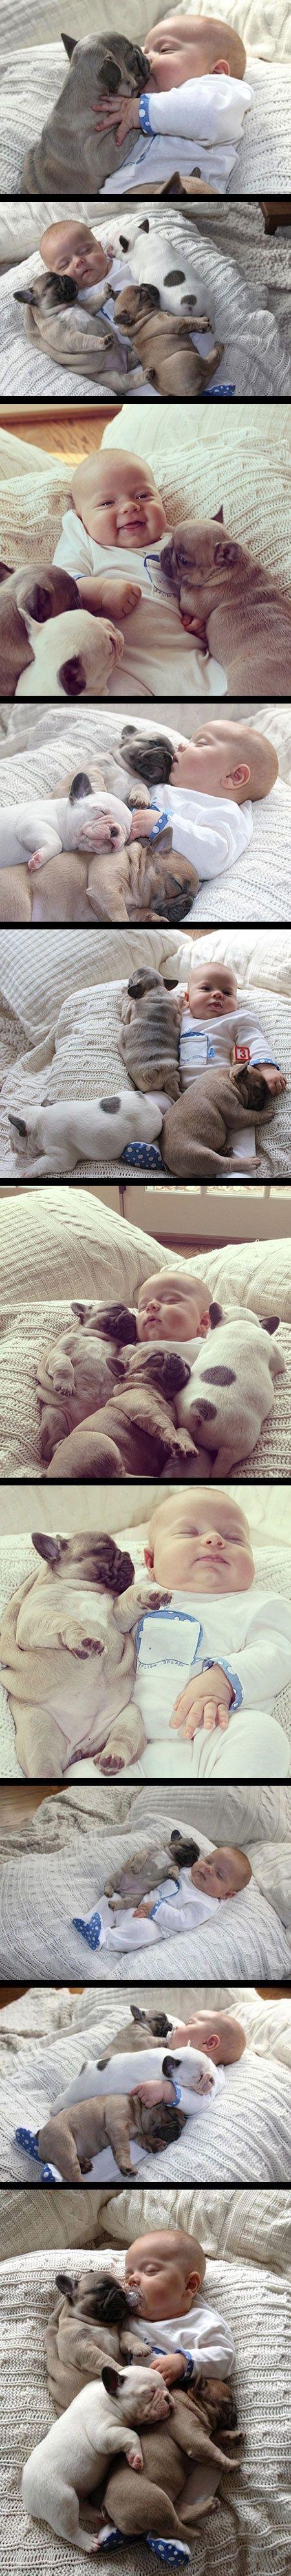 OMG so cute!!!!!!!!!!!!!!!!!!!!!!!!!!!!!!!!!!!!!!!!!                                                                                                                                                                                 Mais